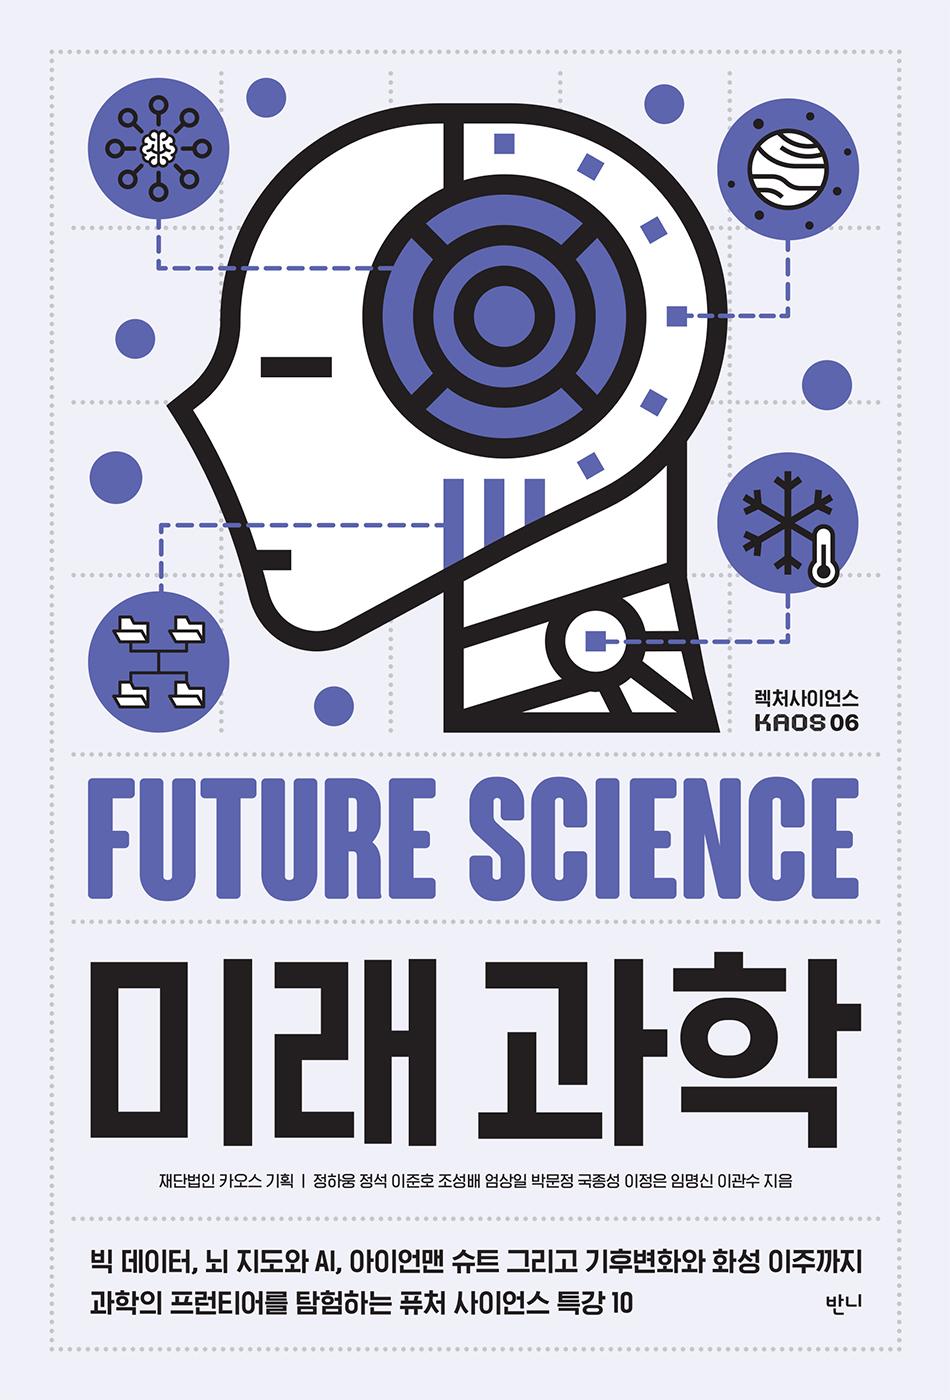 [렉처사이언스 KAOS 06] 미래과학 : 빅데이터, 뇌 지도와 AI, 아이언맨 슈트 그리고 기후변화와 화성 이주까지 과학의 프런티어를 탐험하는 퓨처 사이언스 특강10